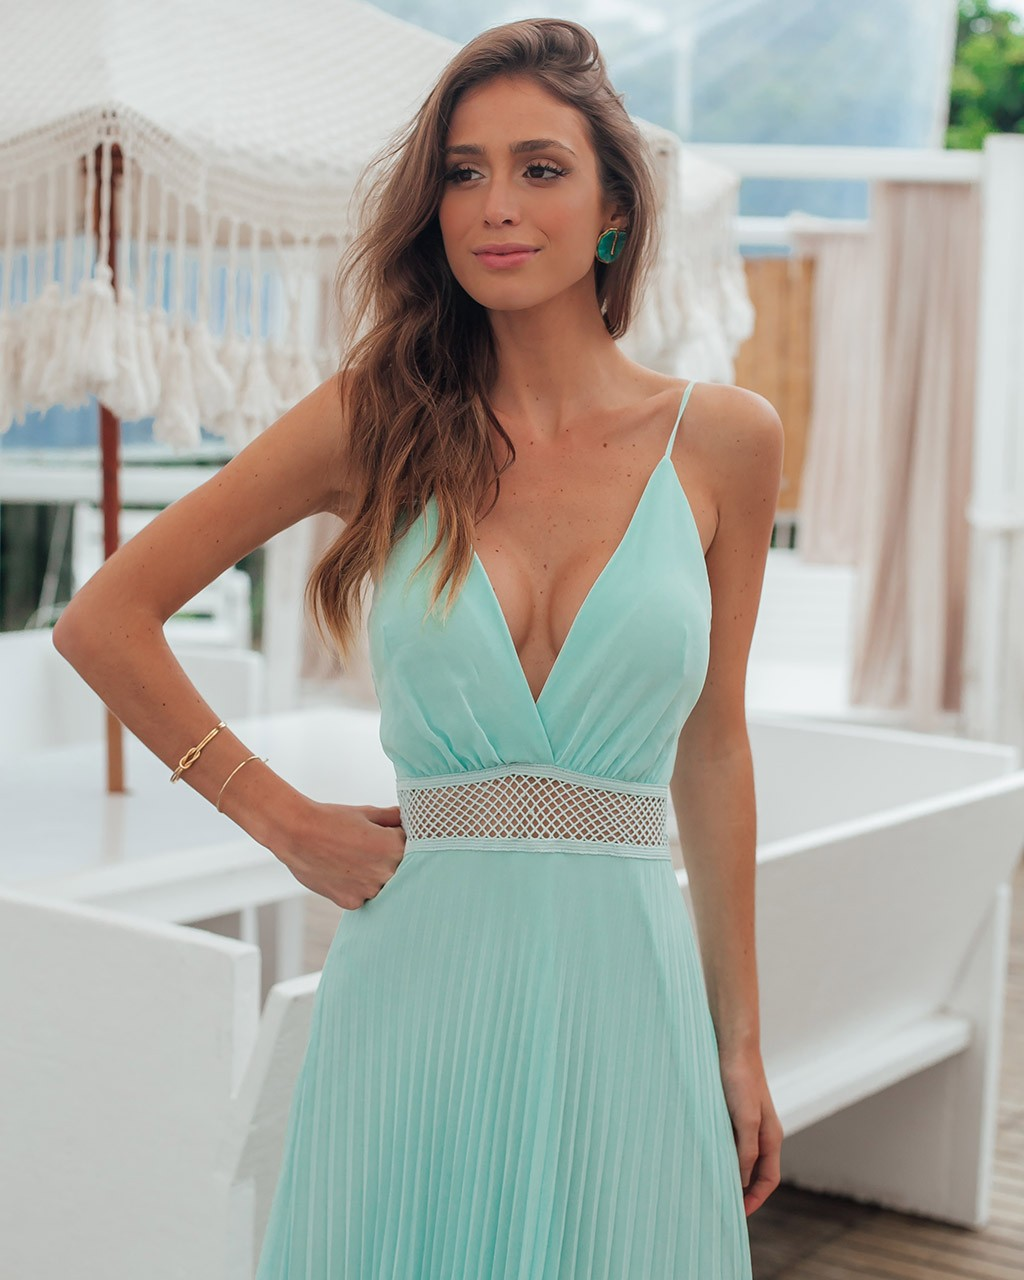 Vestido Elis  - Empório NM